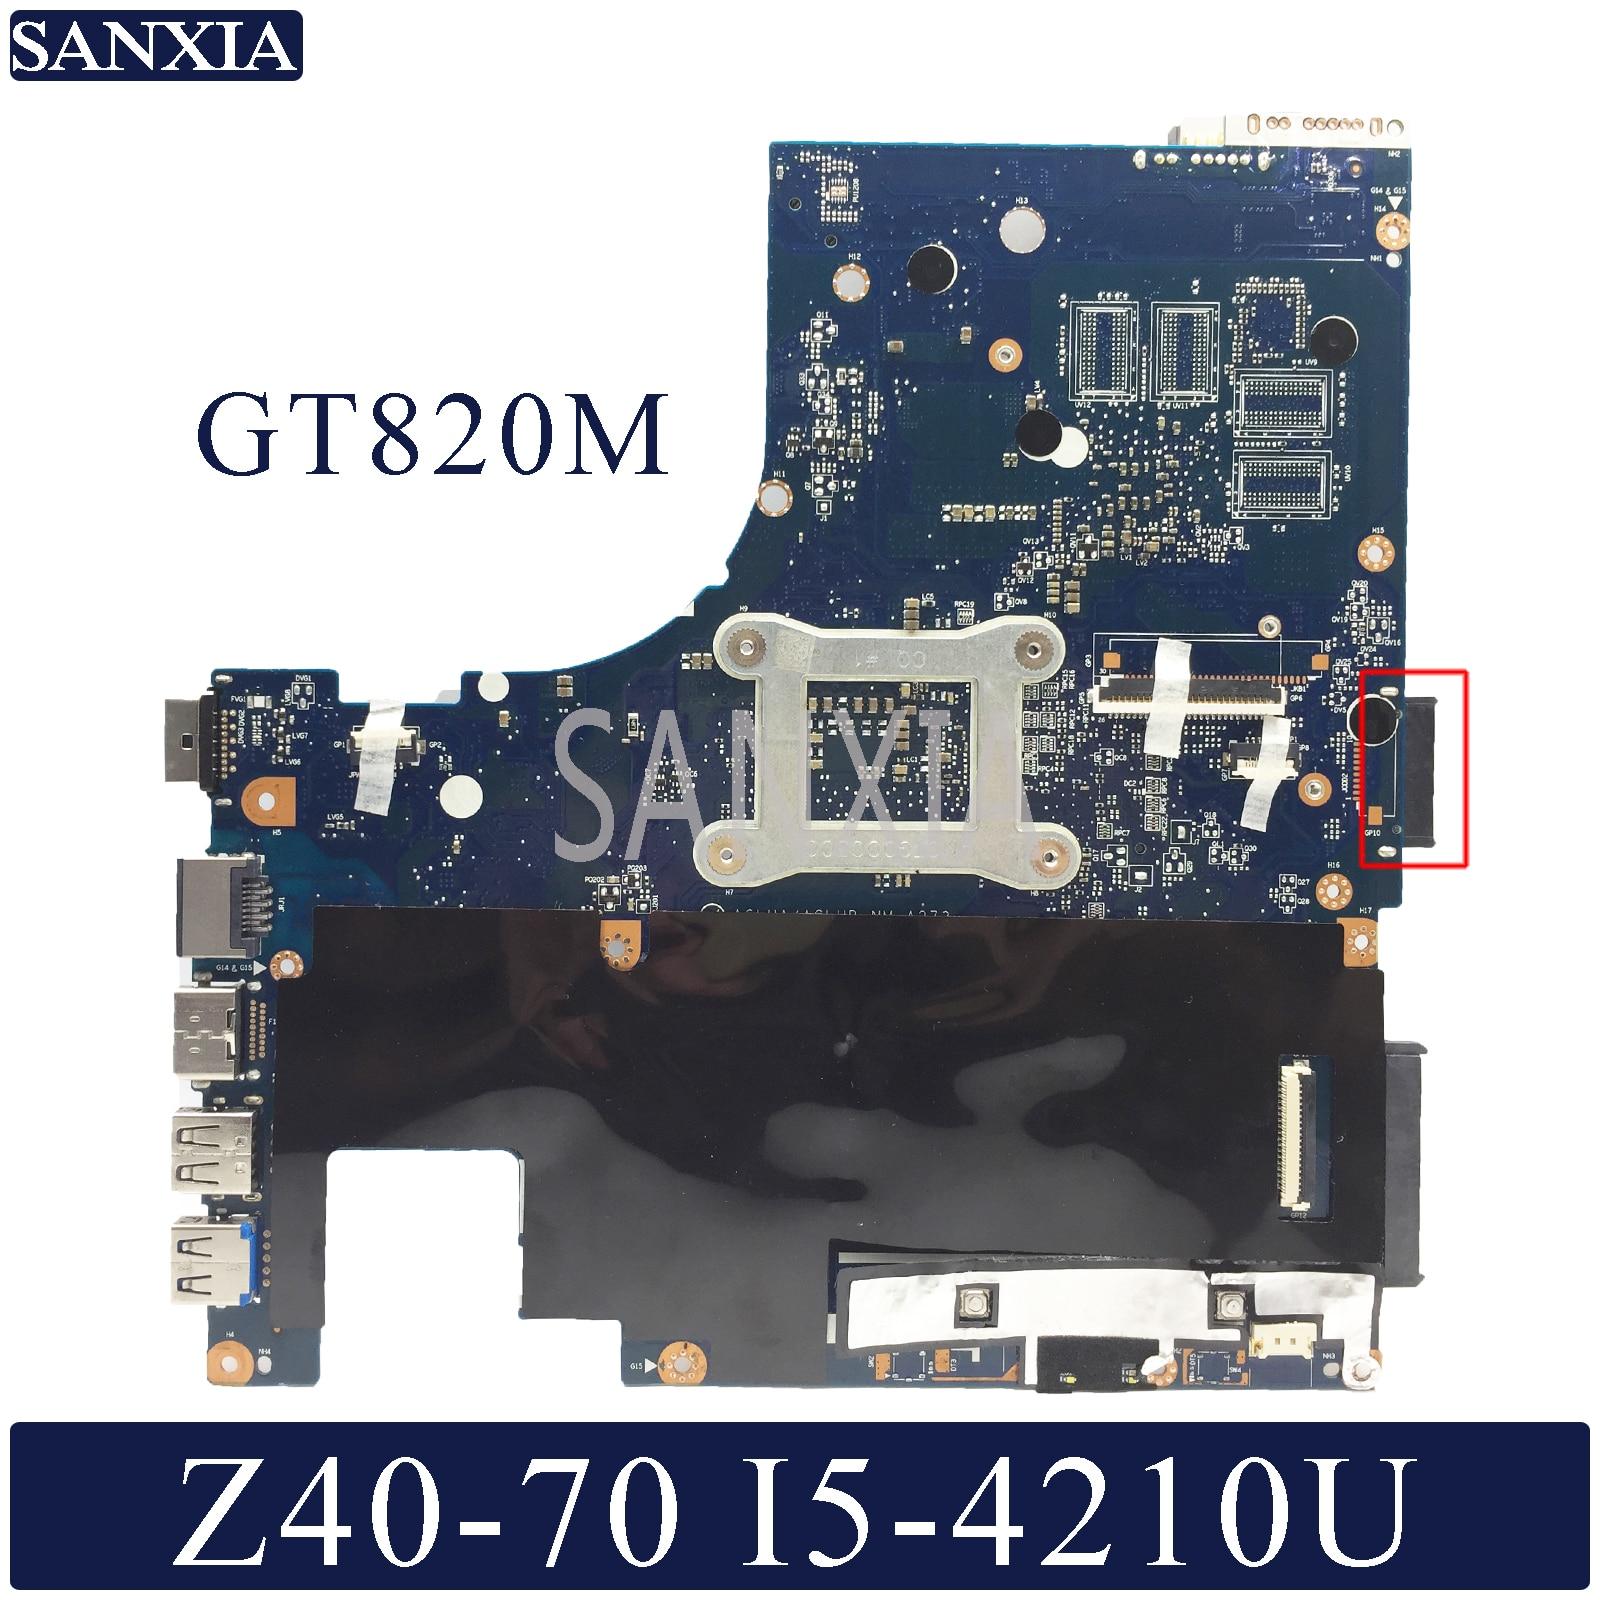 KEFU NM-A273 Laptop Motherboard For Lenovo Z40-70 Original Mainboard I5-4210U GT820M